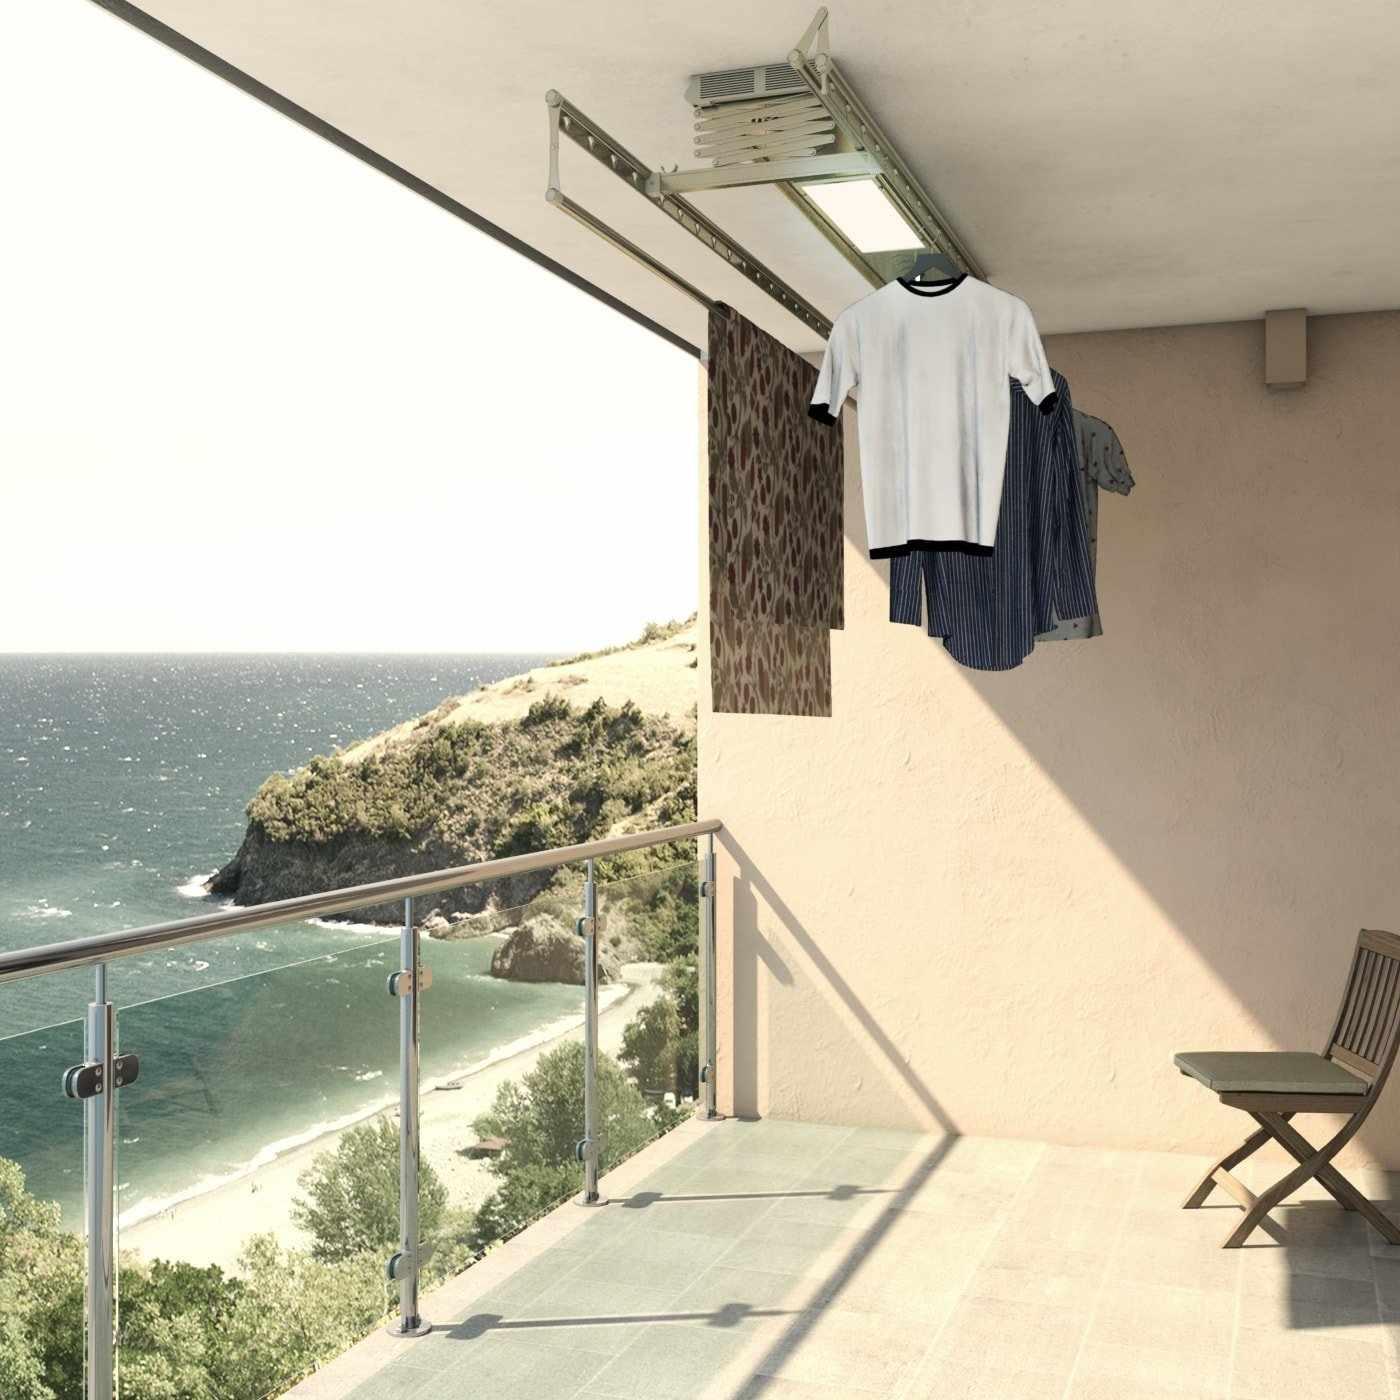 Критерии выбора сушилок на балкон